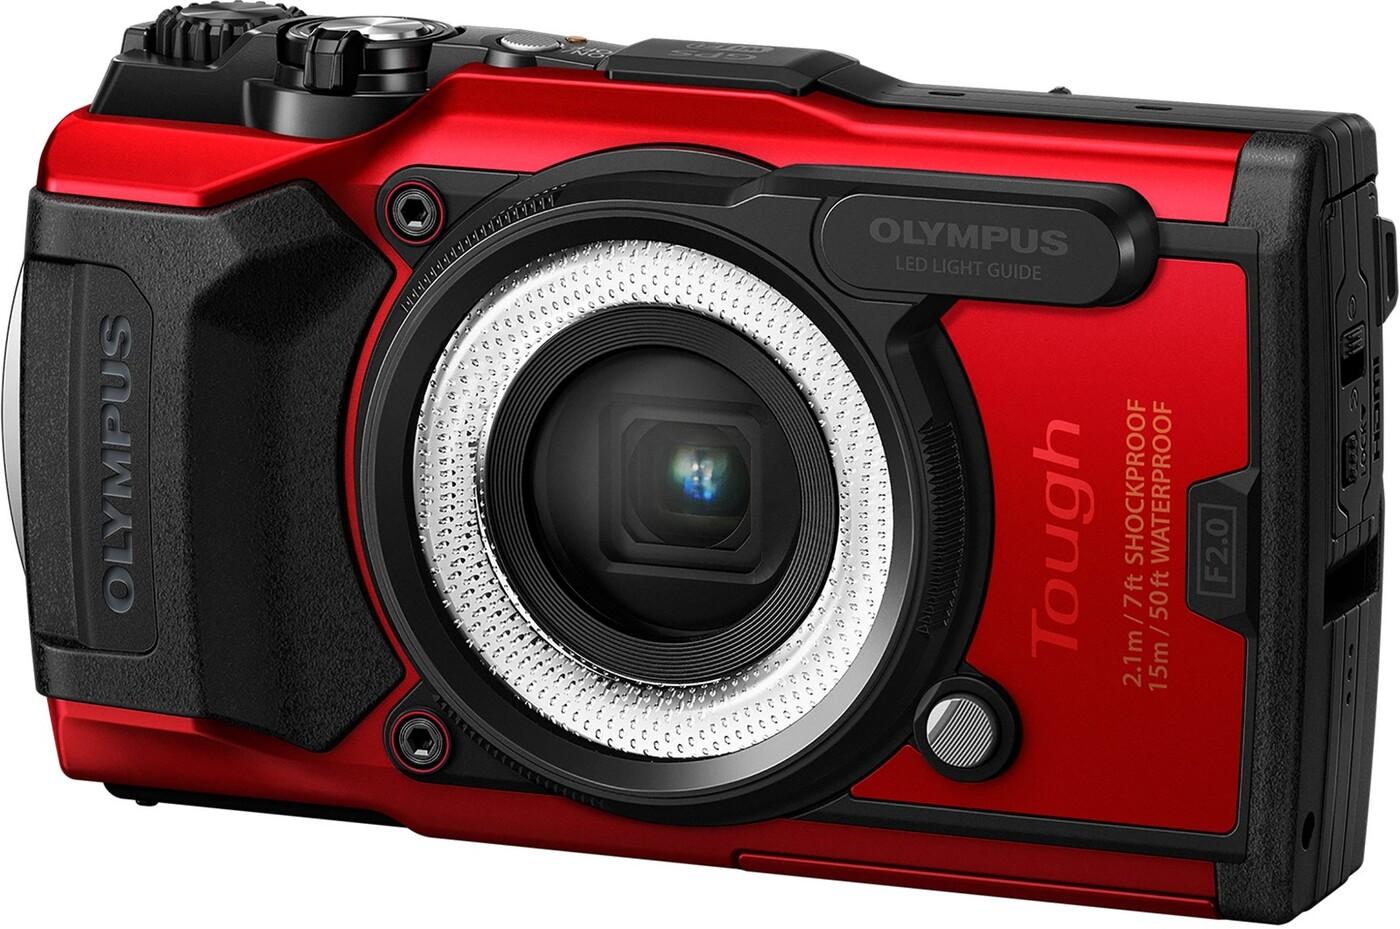 это действительно какой самый классный фотоаппарат приехал финишу